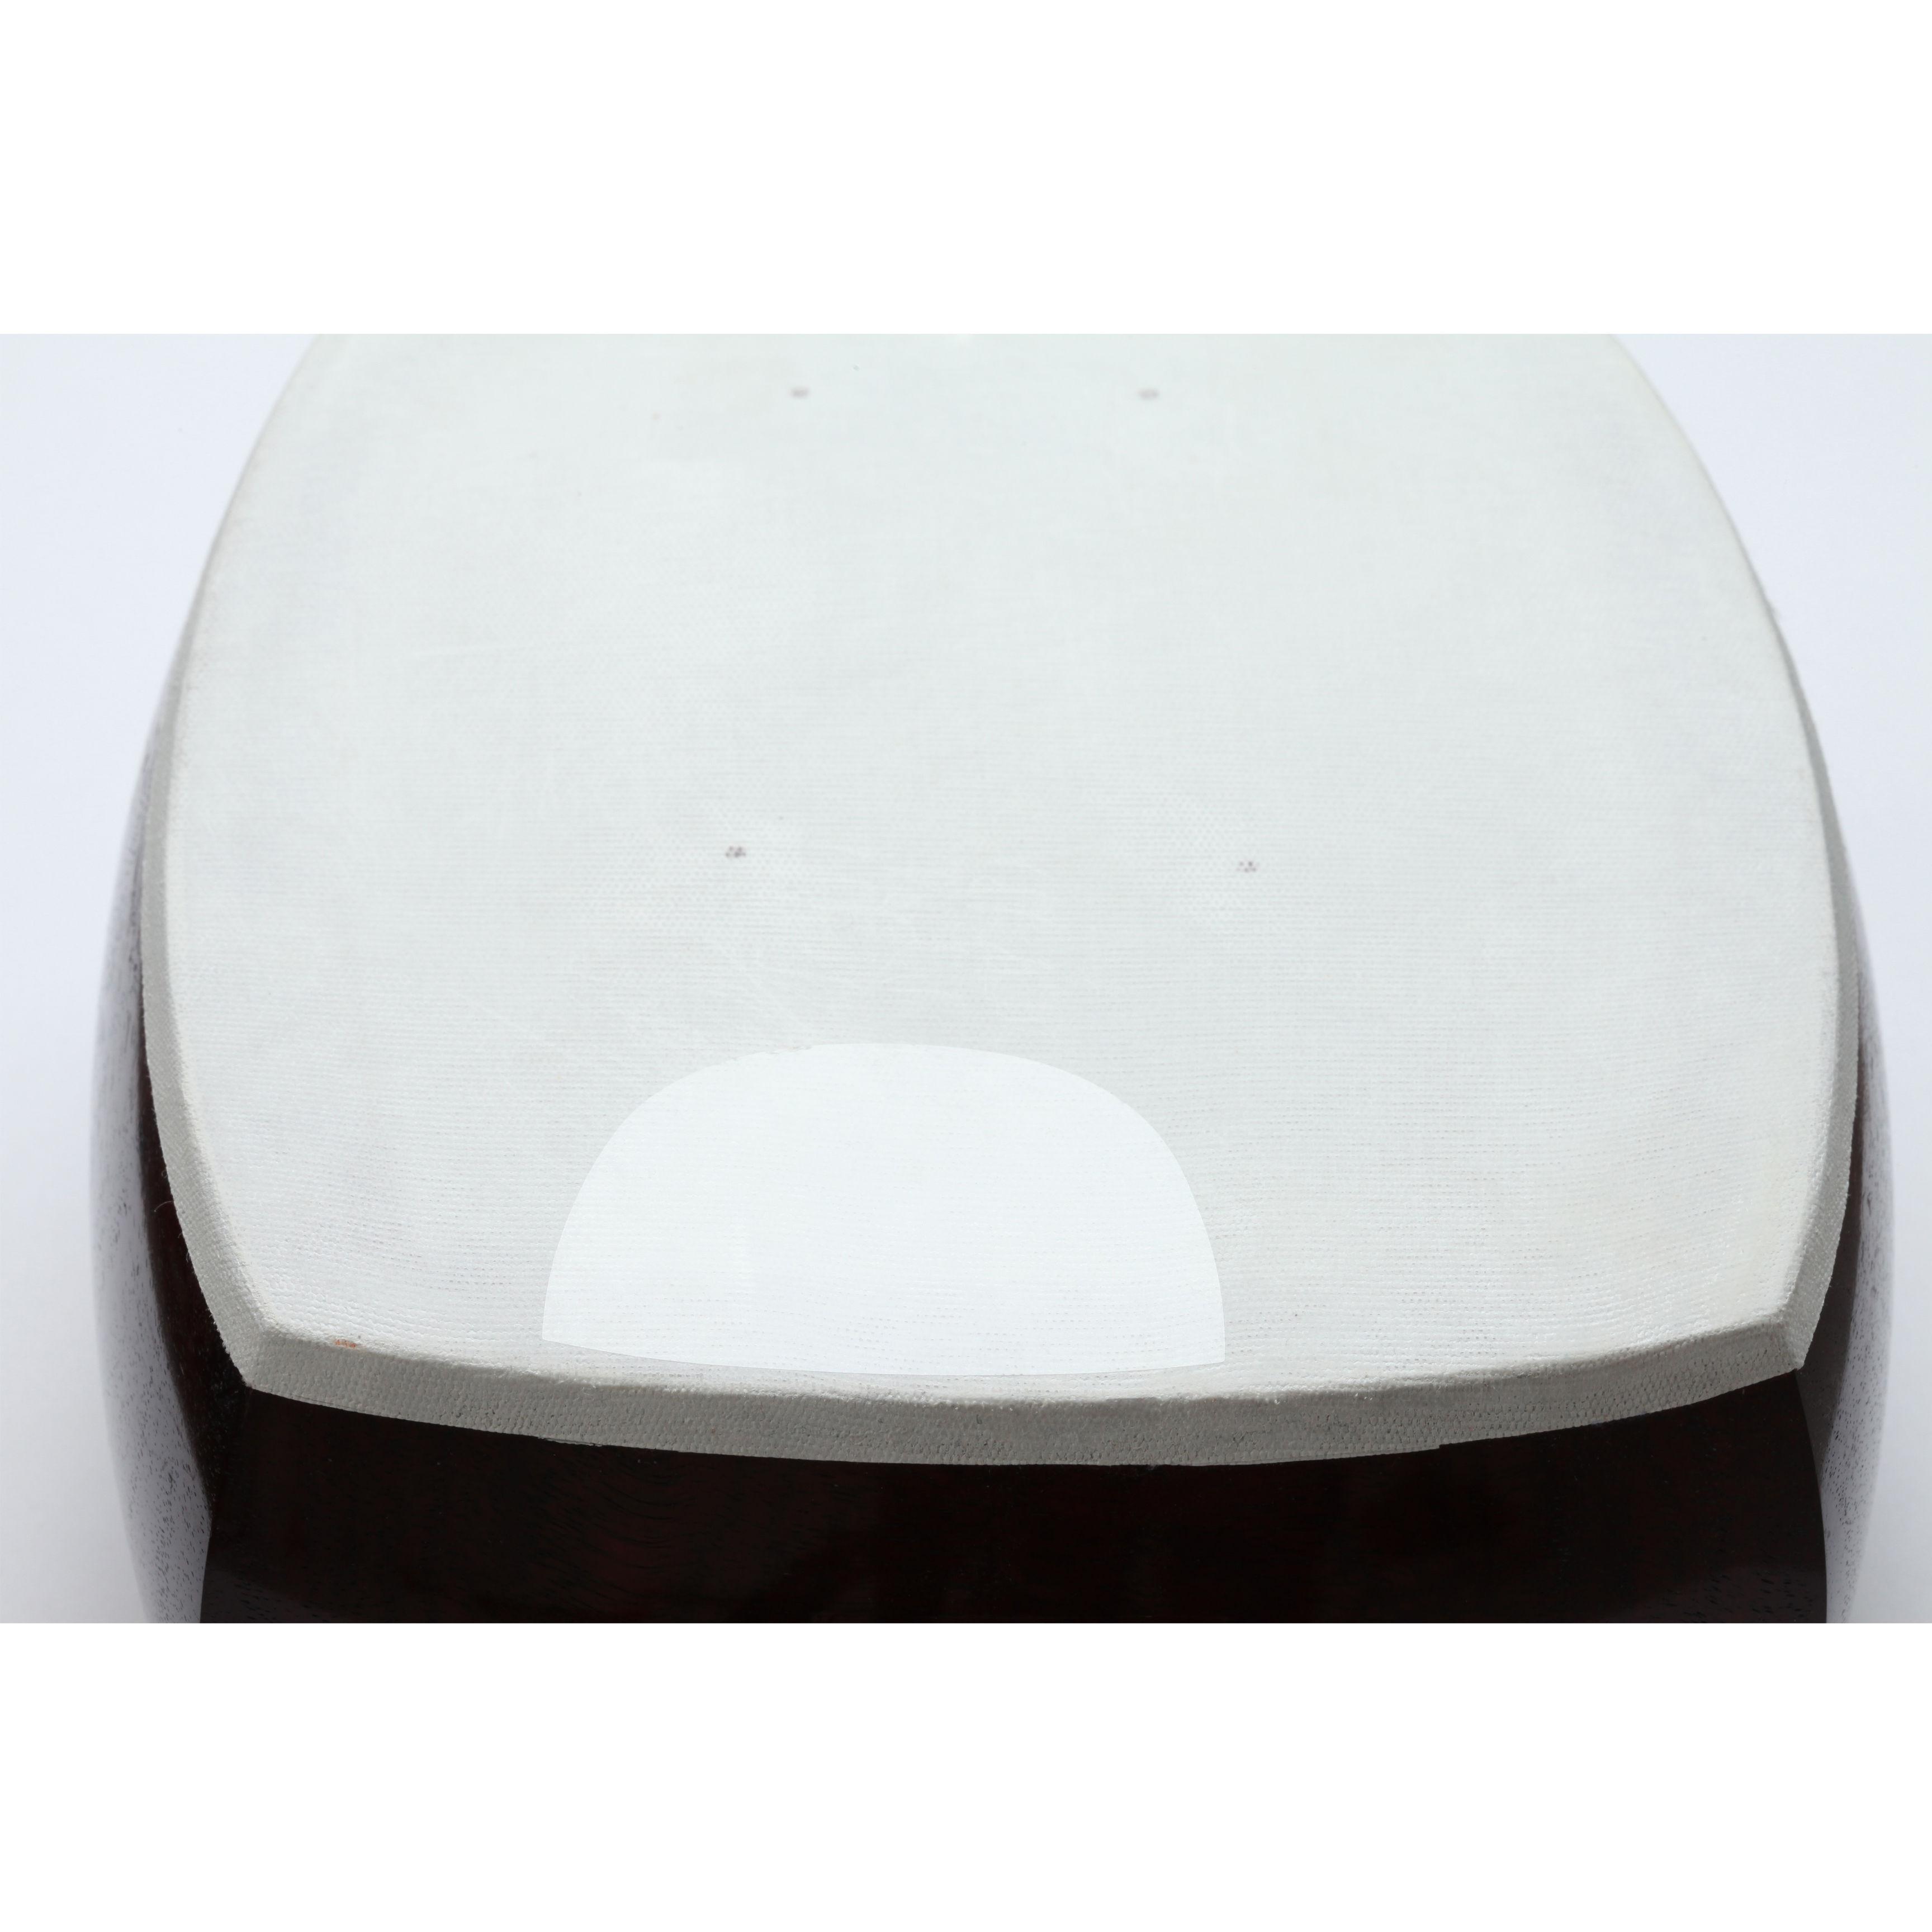 [29083]【地唄】両面 一般用三味線人工皮リプル張り替え